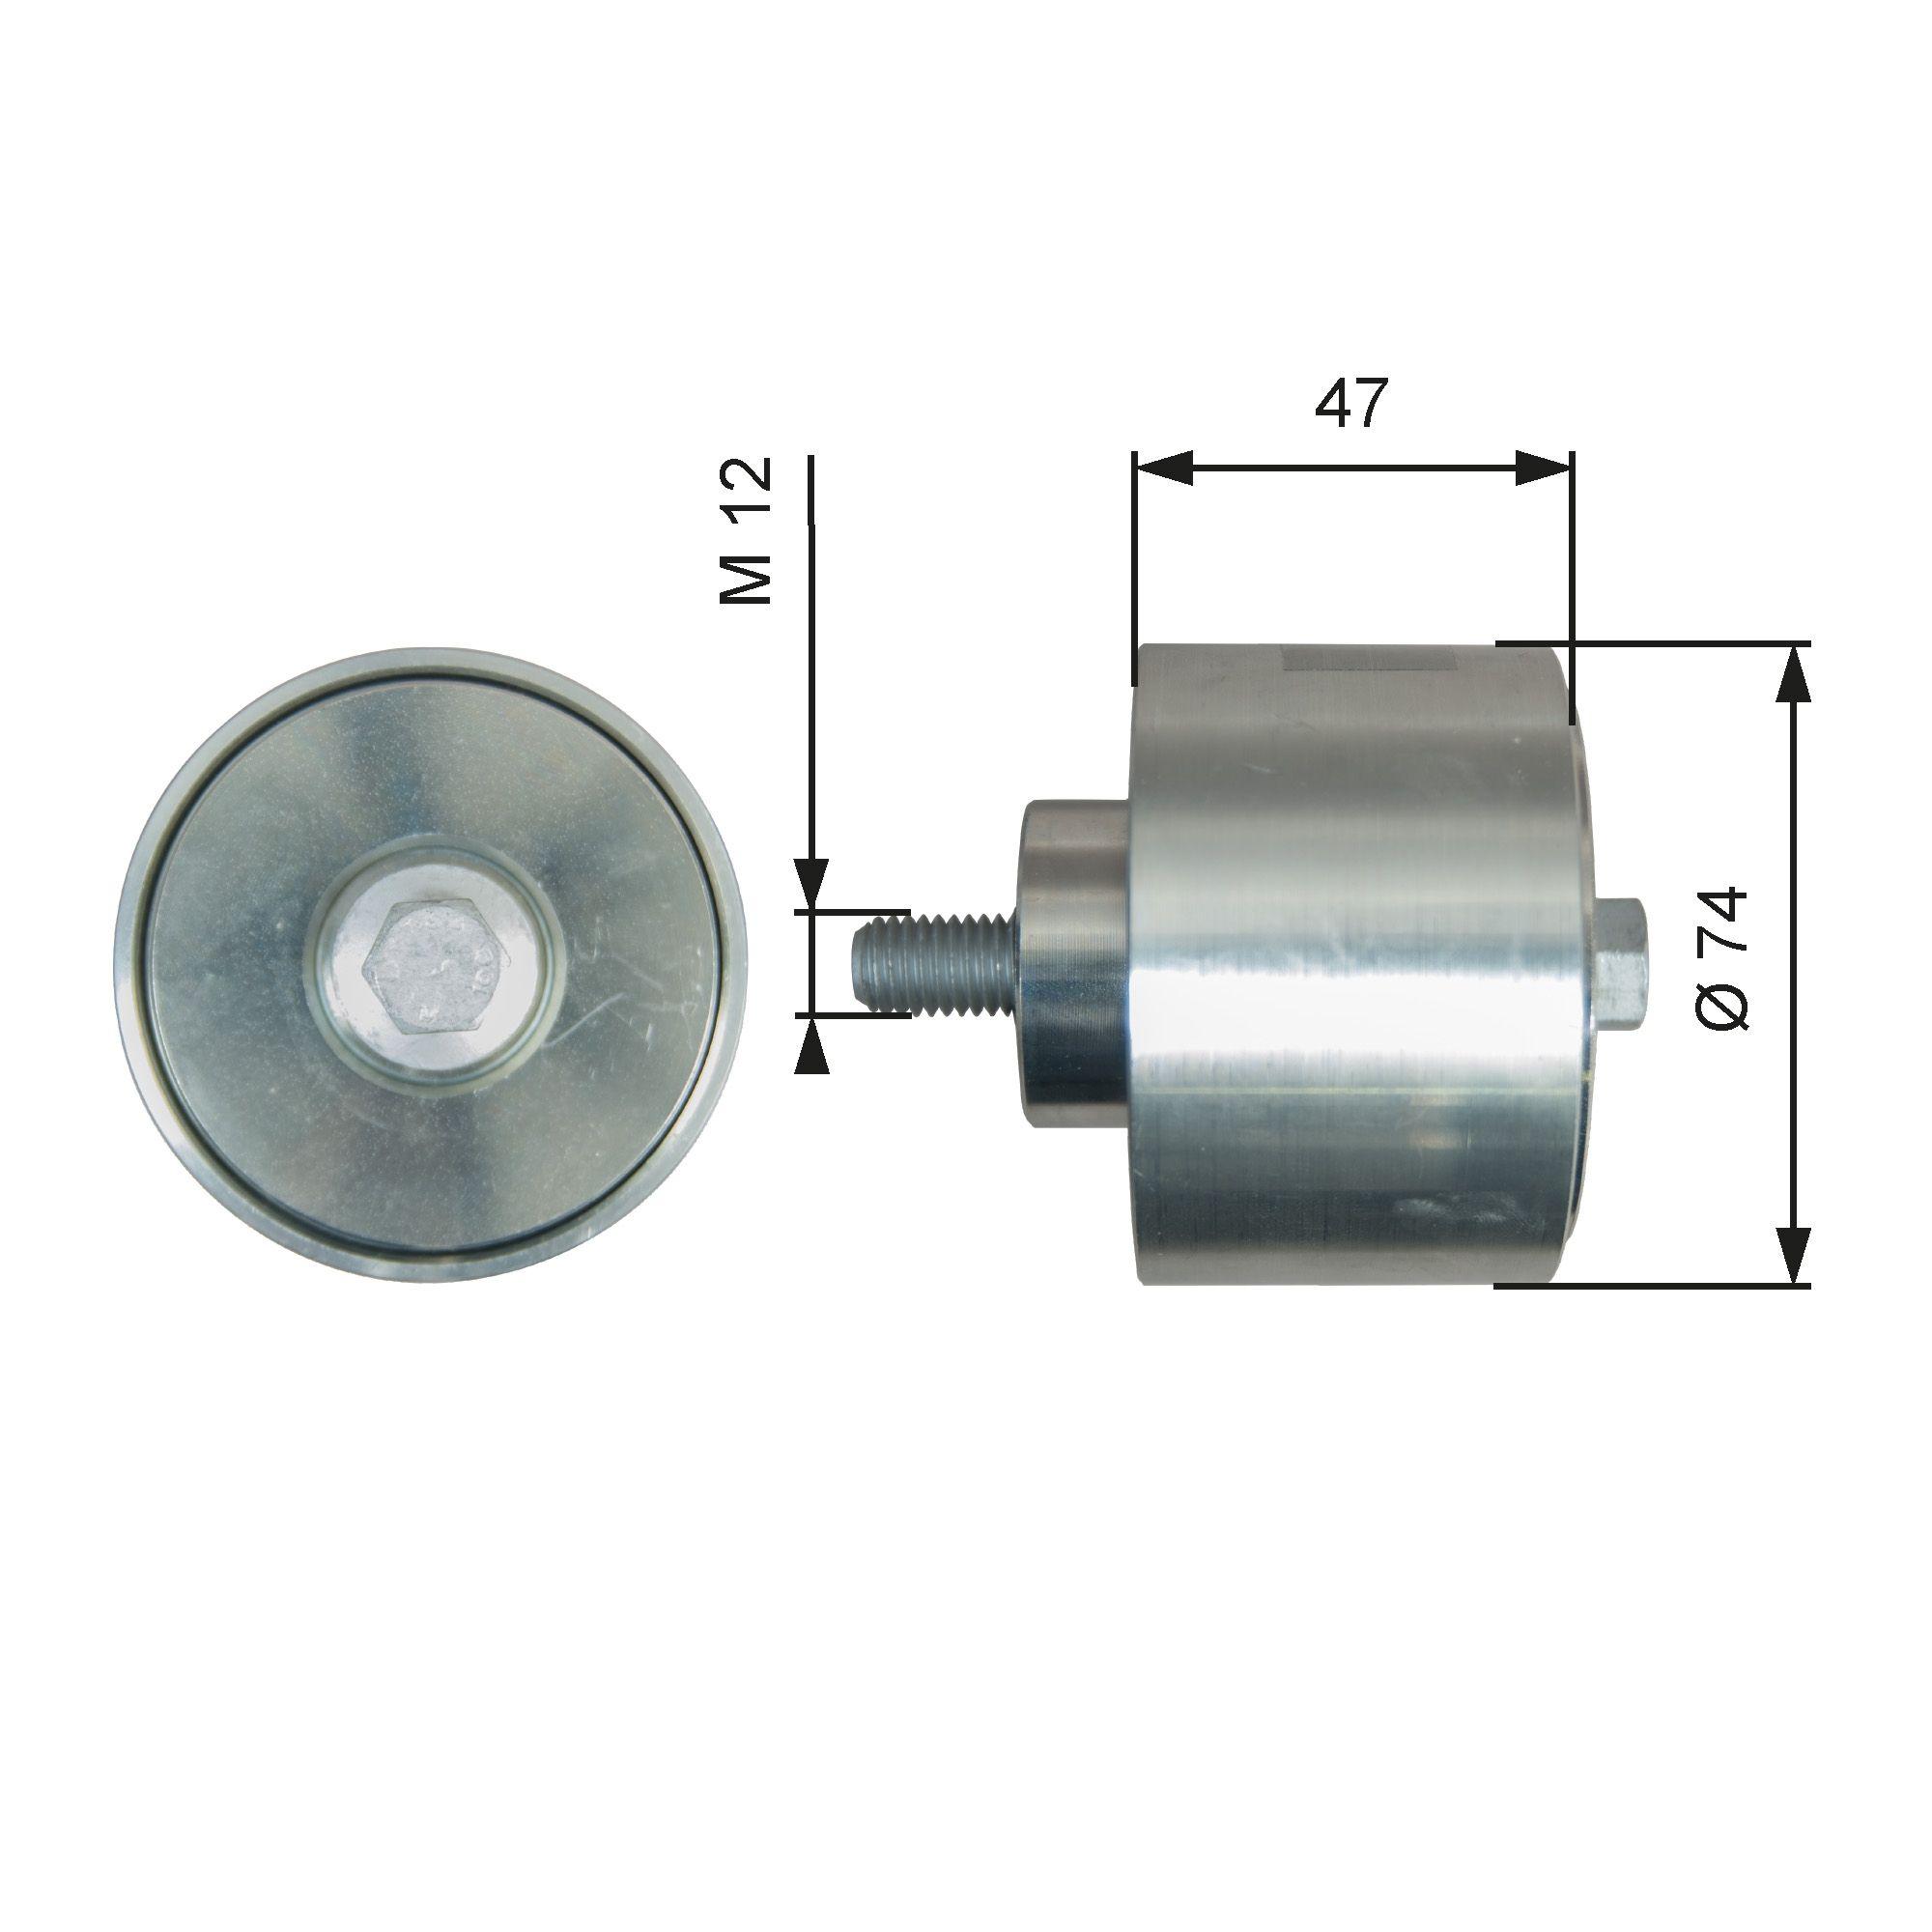 GATES Medløberhjul, multi-V-rem til IVECO - vare number: T36637